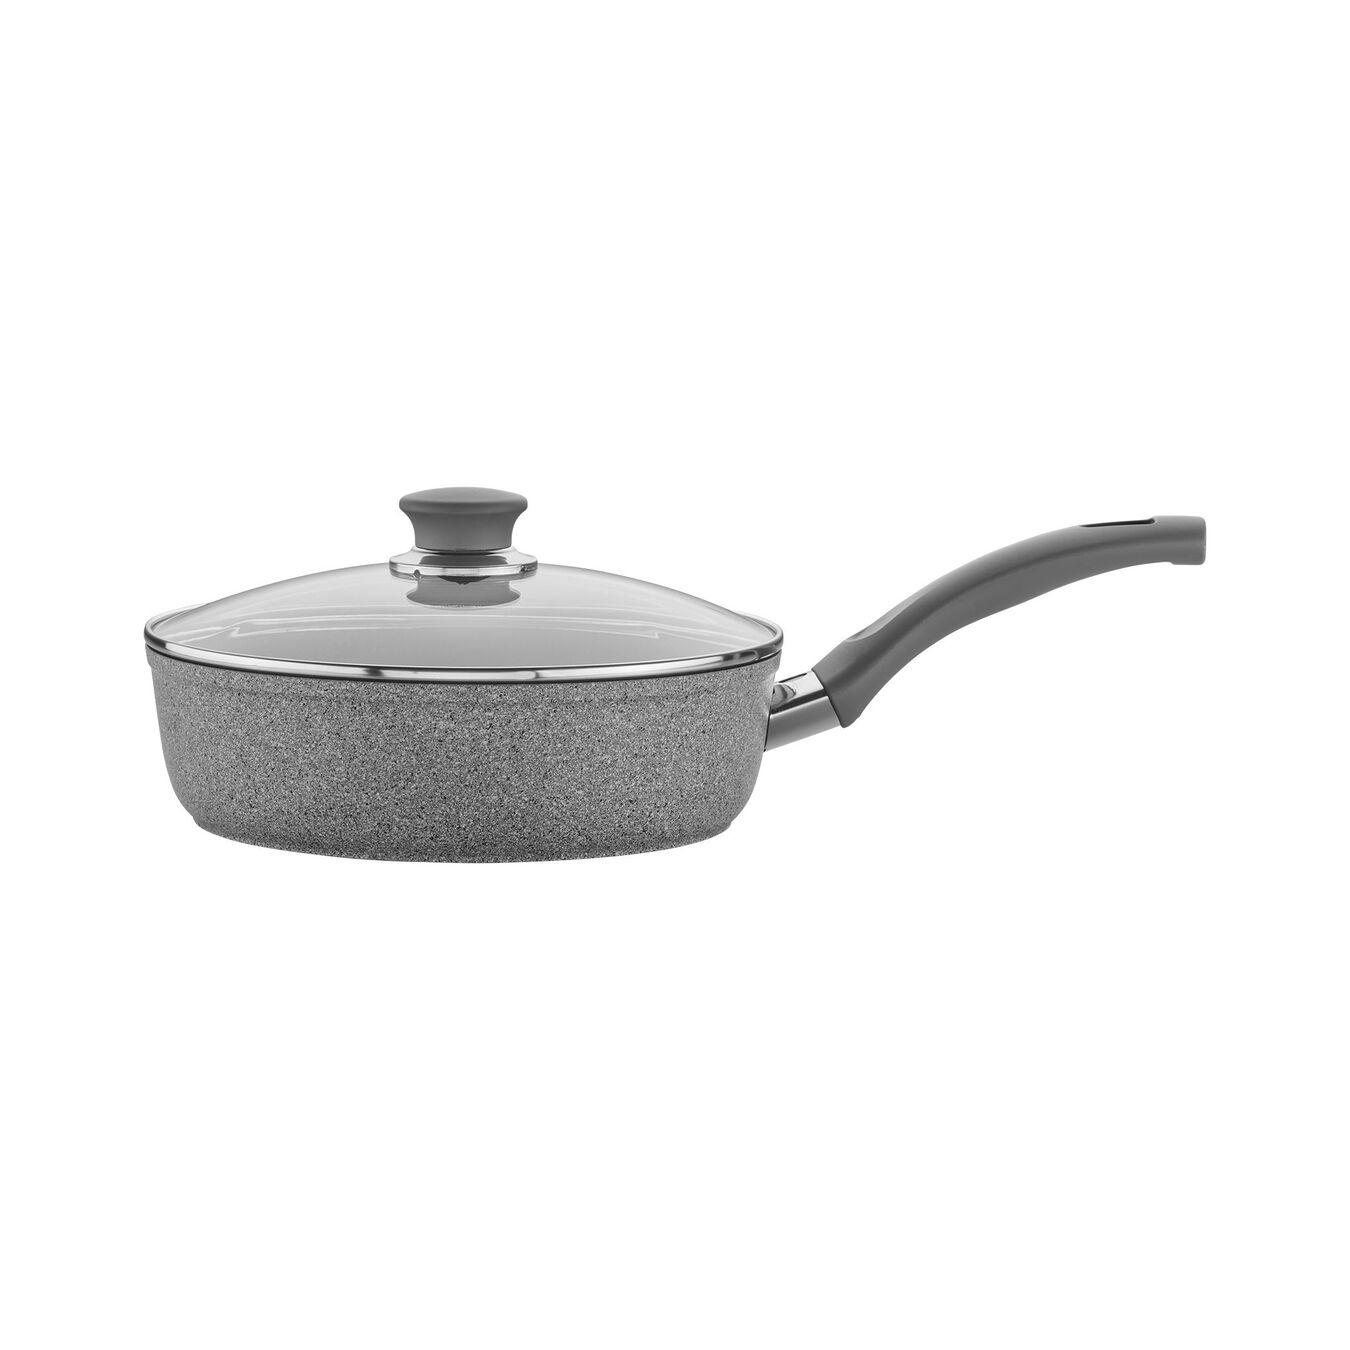 Saute pan,,large 1